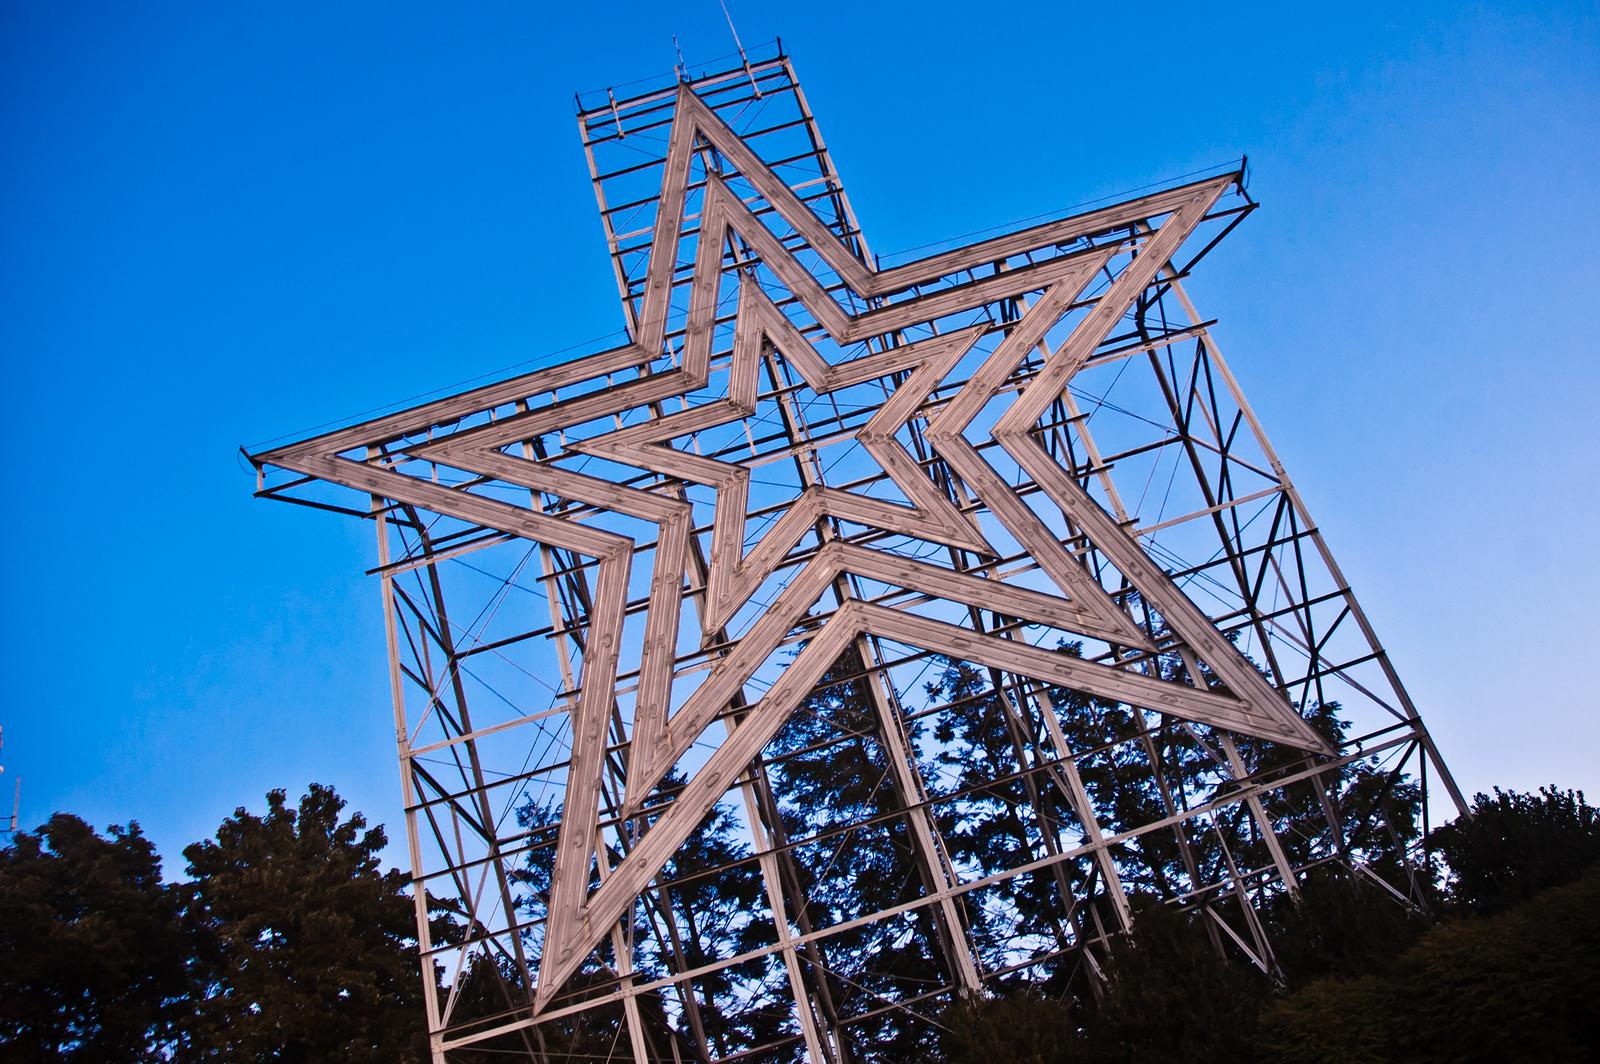 The Crossings Roanoke | Giant Star